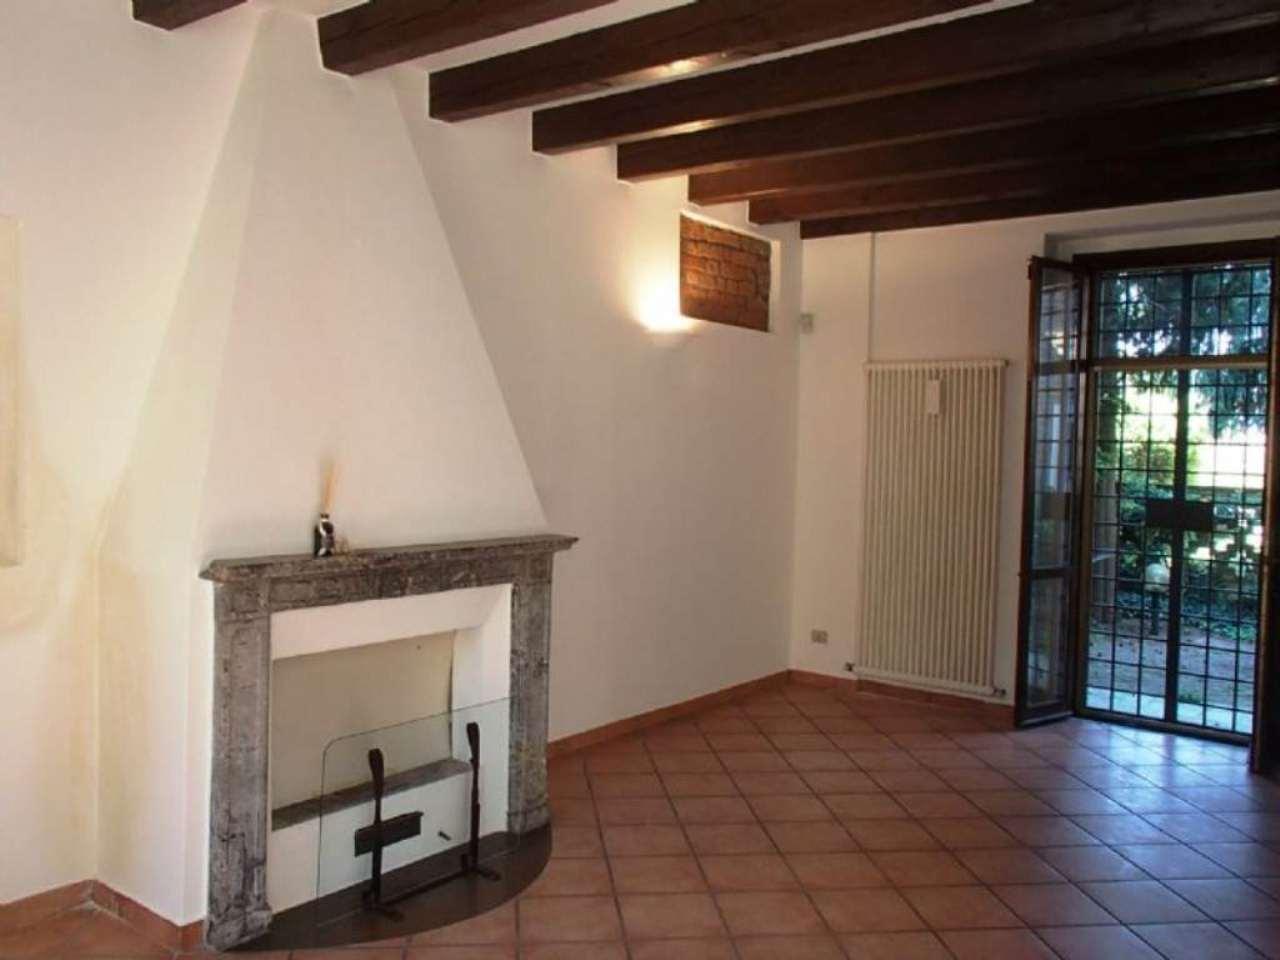 Villa in vendita a Landriano, 4 locali, prezzo € 269.000 | Cambio Casa.it